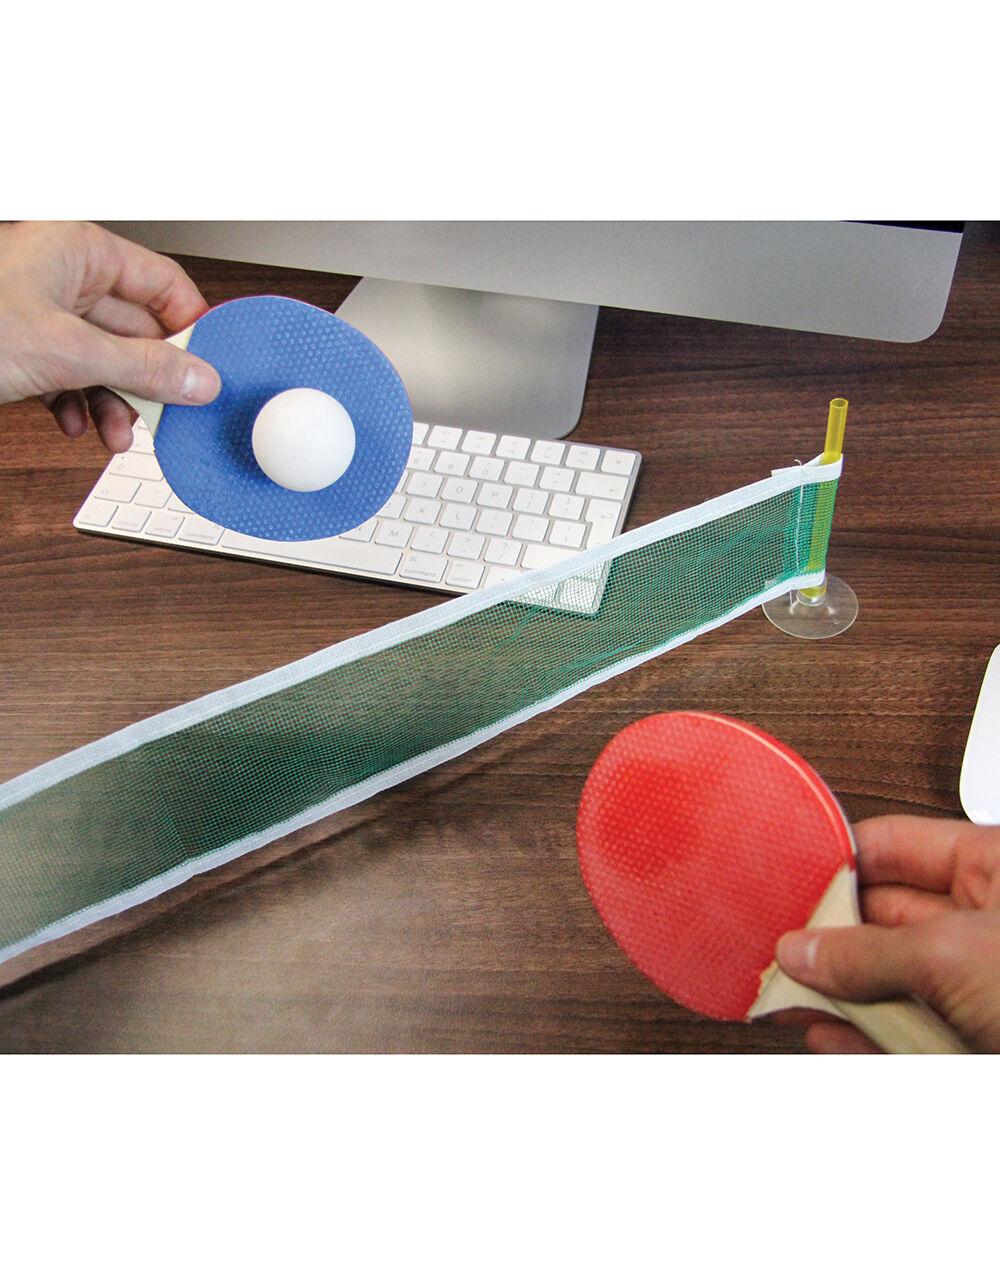 Ping Pong Bordspill med Netting